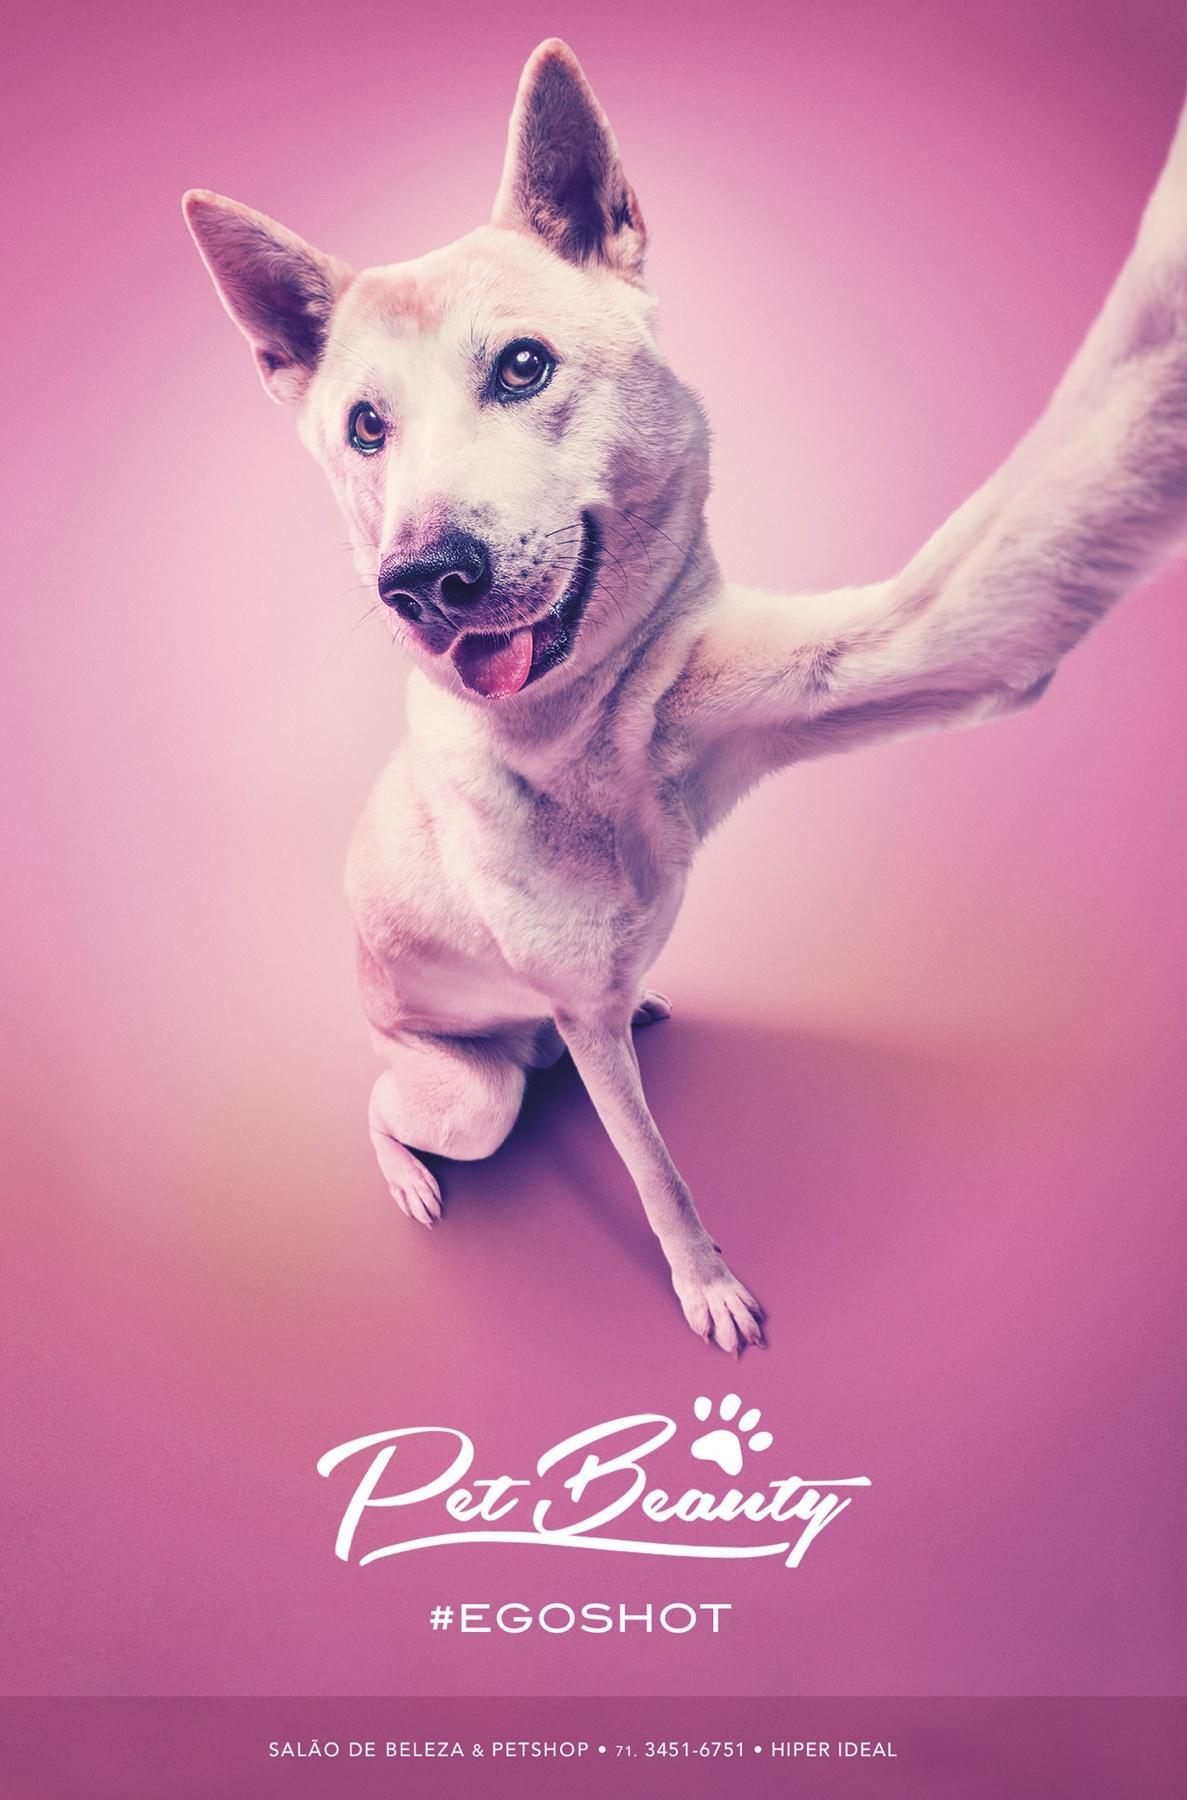 PetBeauty Print Ad -  #egoshot